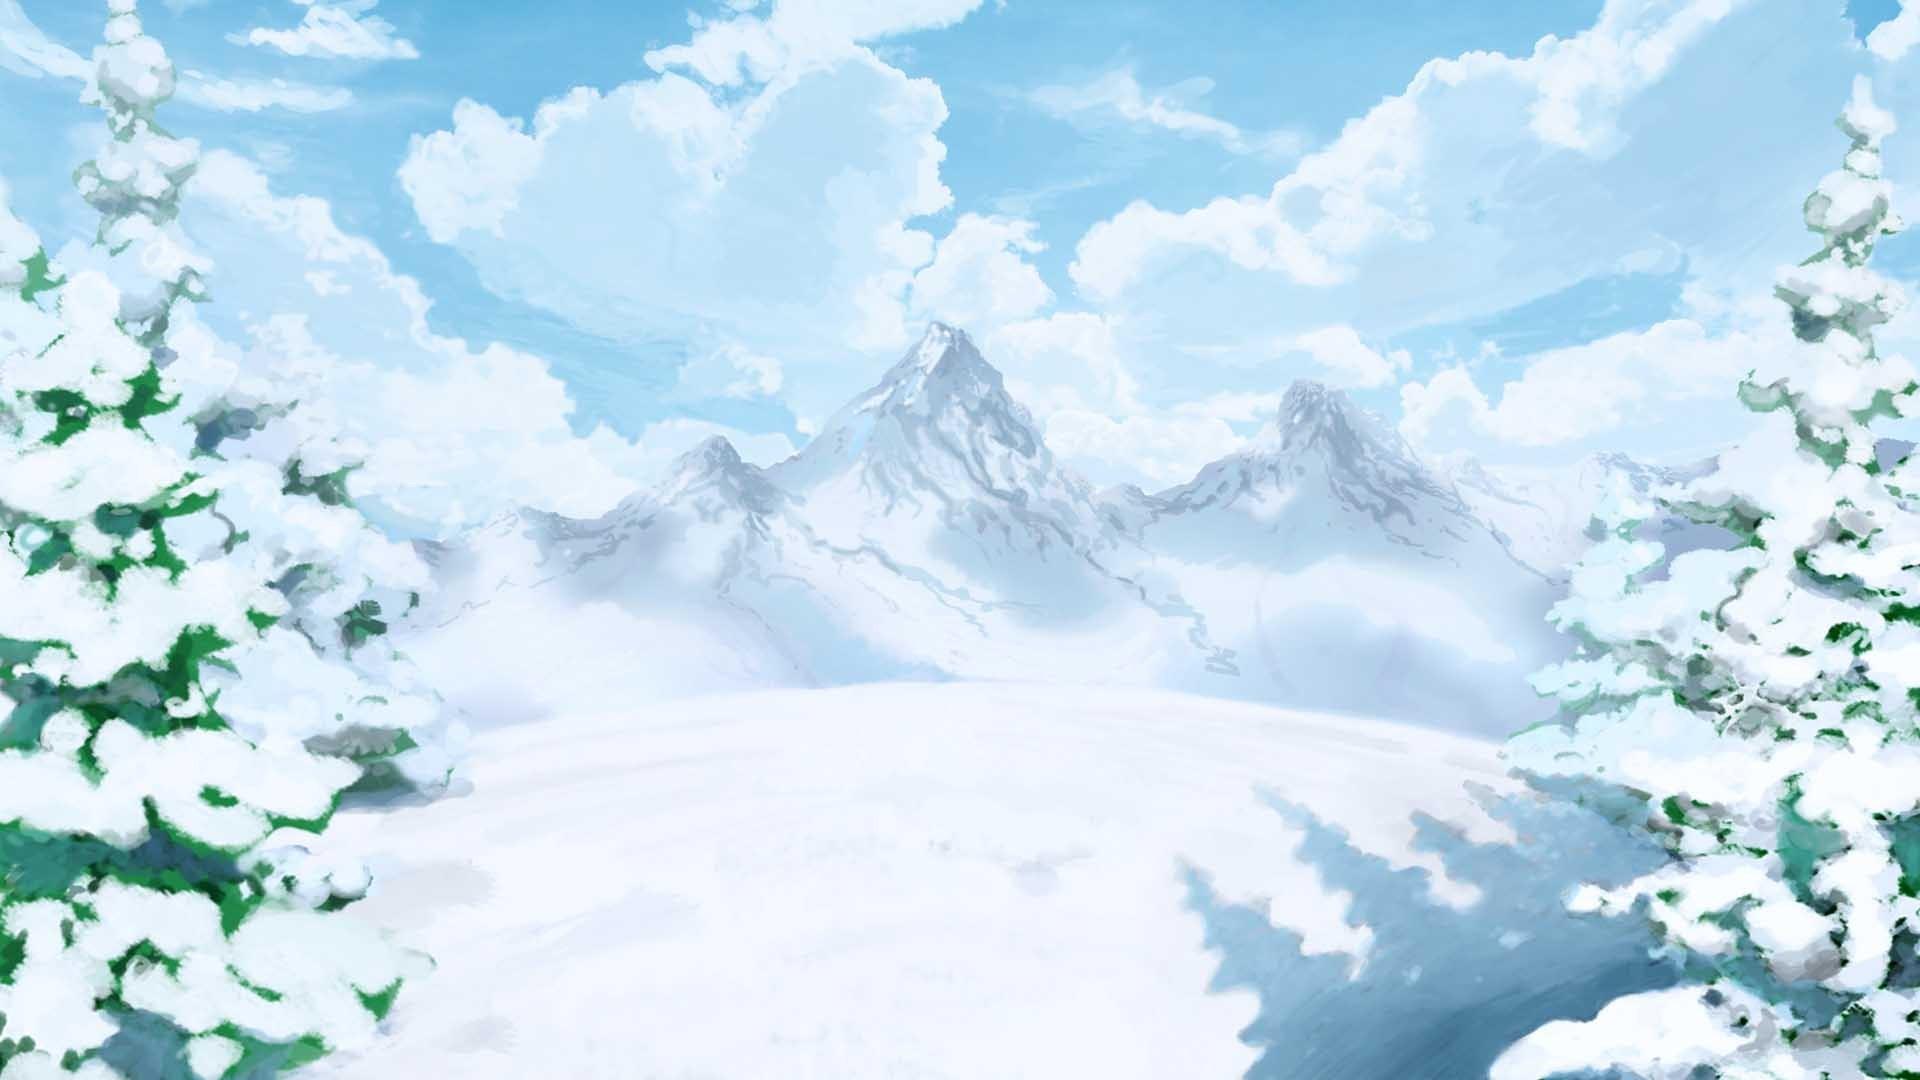 снег ели гора snow ate mountain  № 2479284 бесплатно